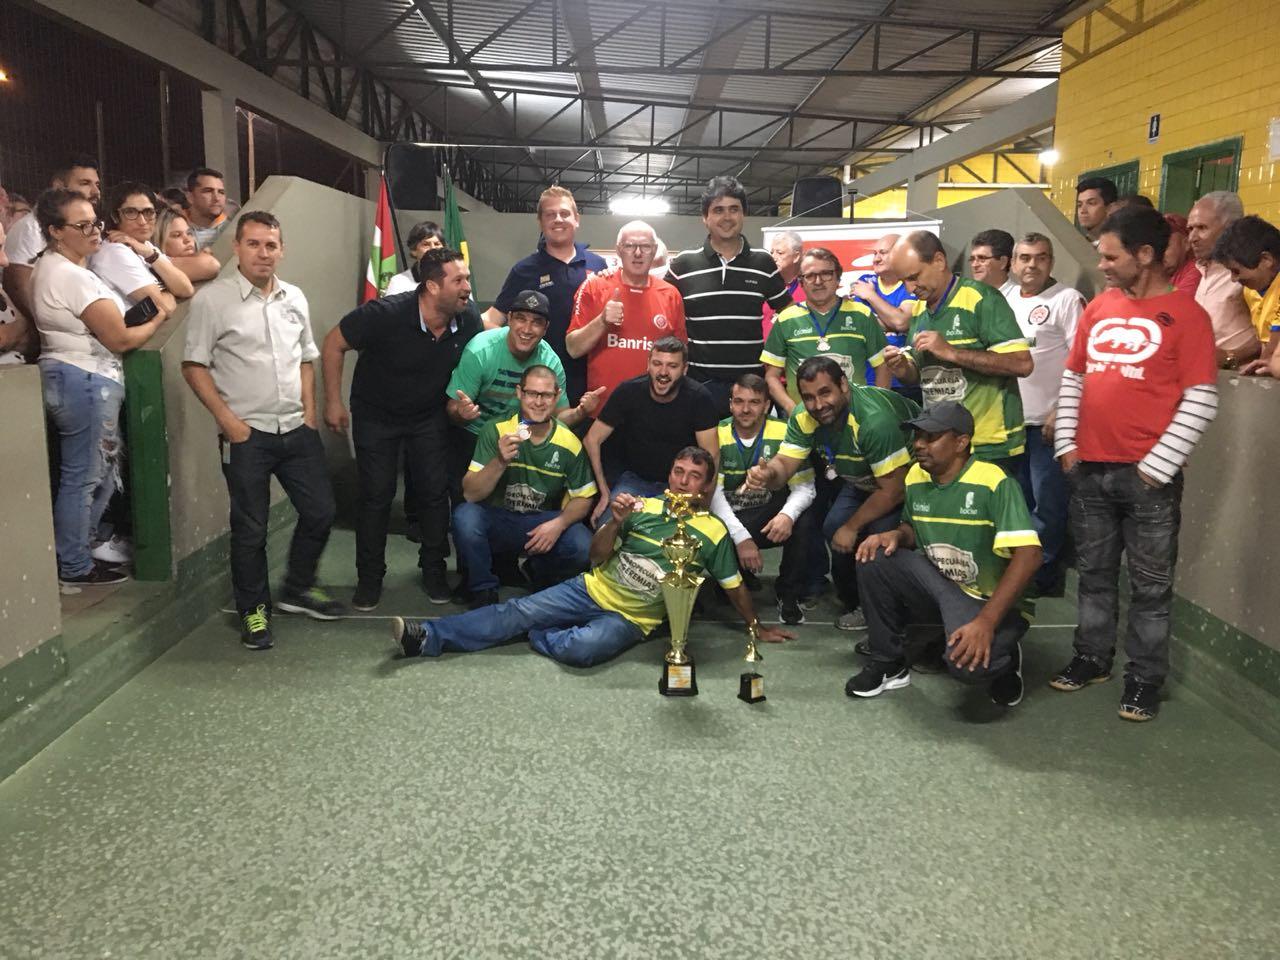 B.B.L. Recipac vence Campeonato Municipal de Bocha de Criciúma